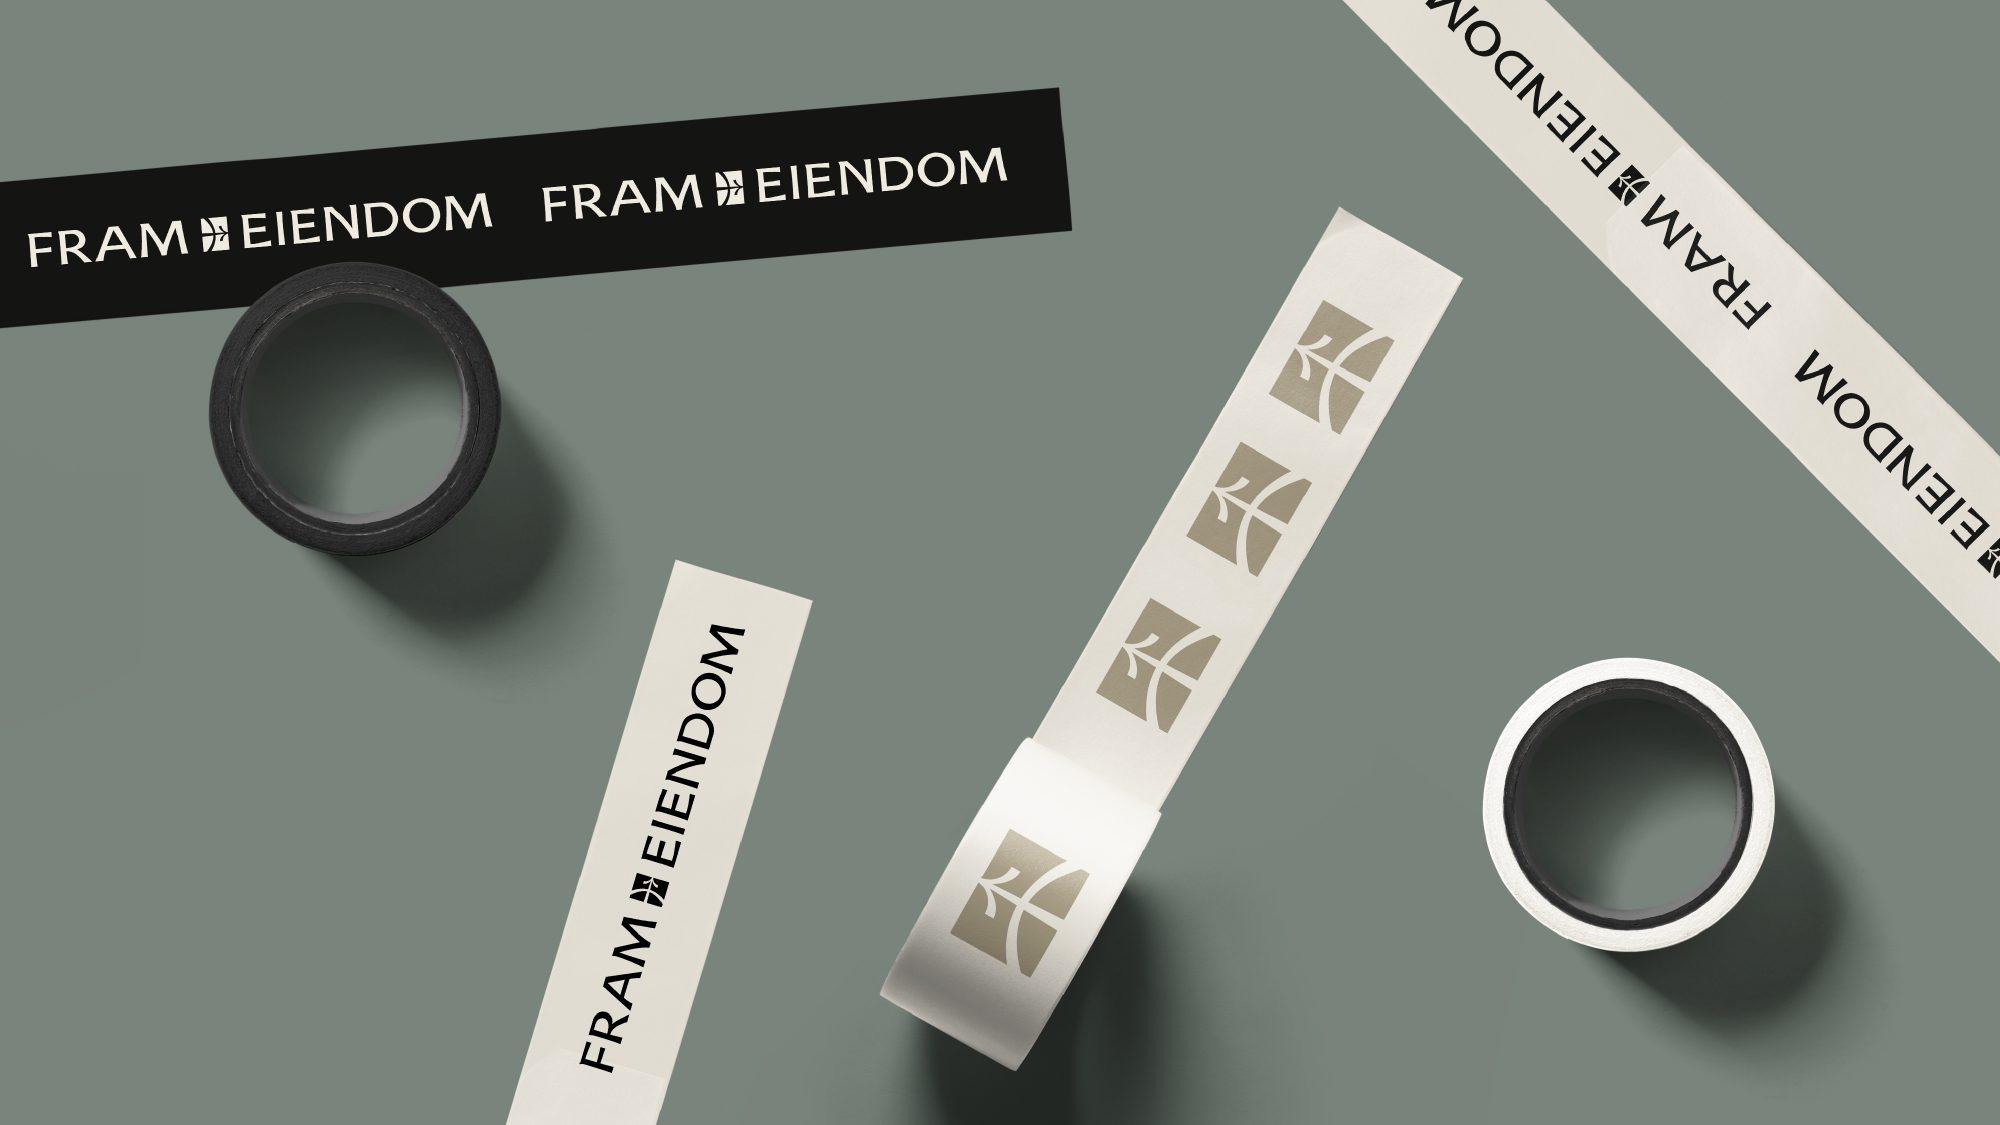 Fram_Eiendom_presentasjon13